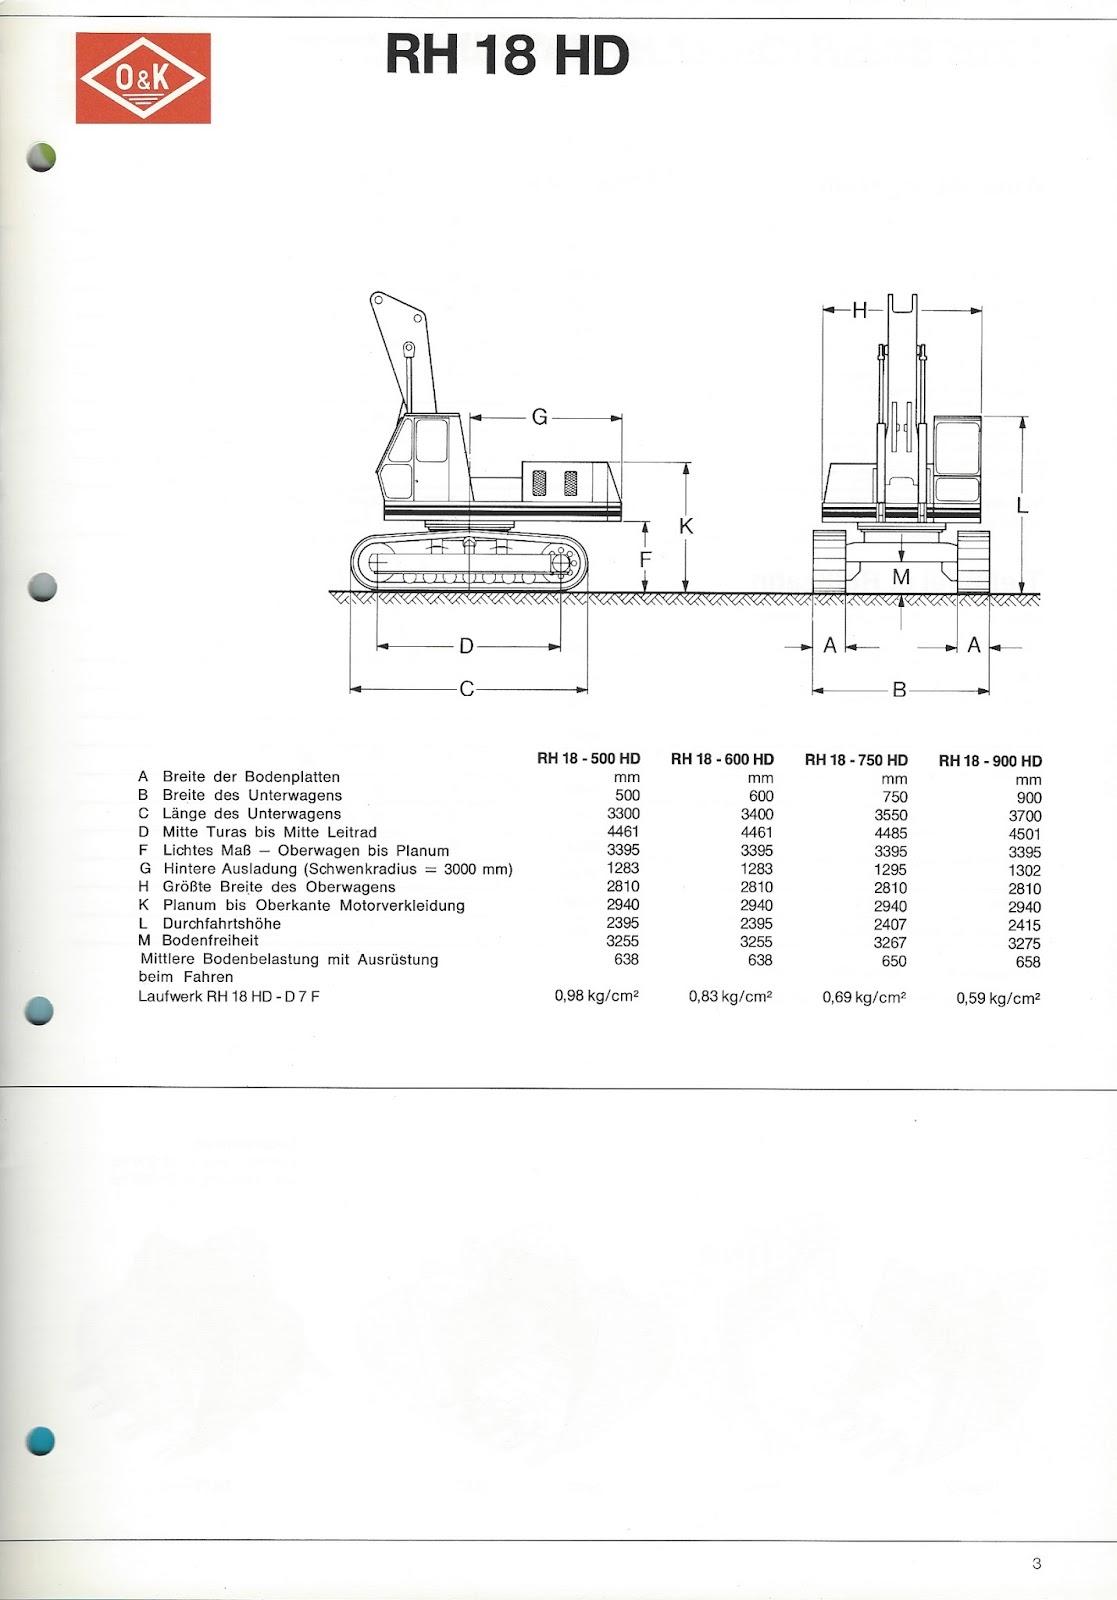 RS-O&K Baumaschinen: O&K RH 18 Technische Daten